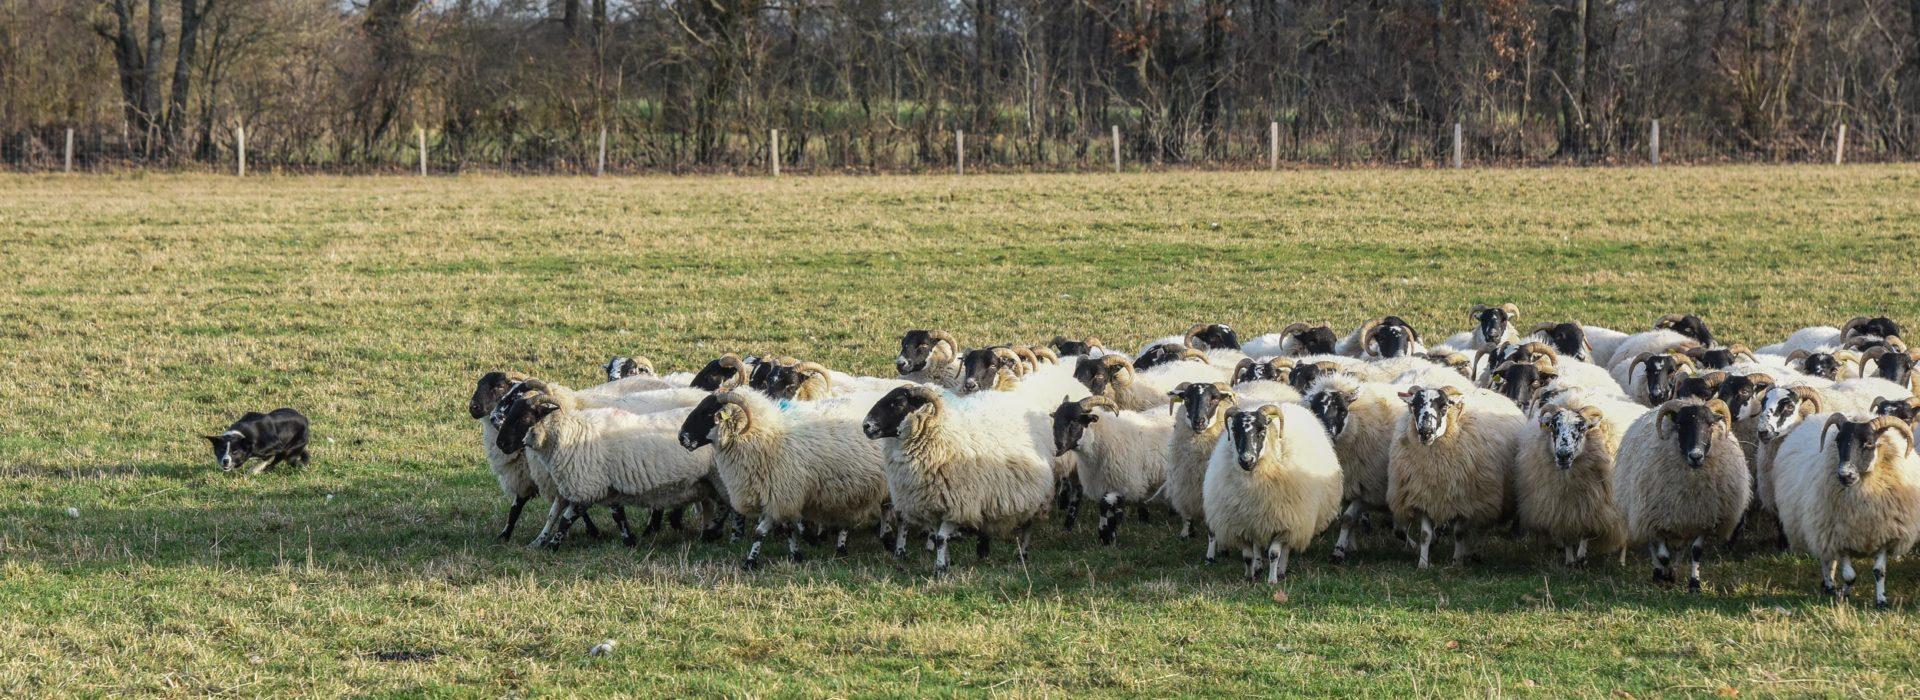 chien-rassemble-troupeau